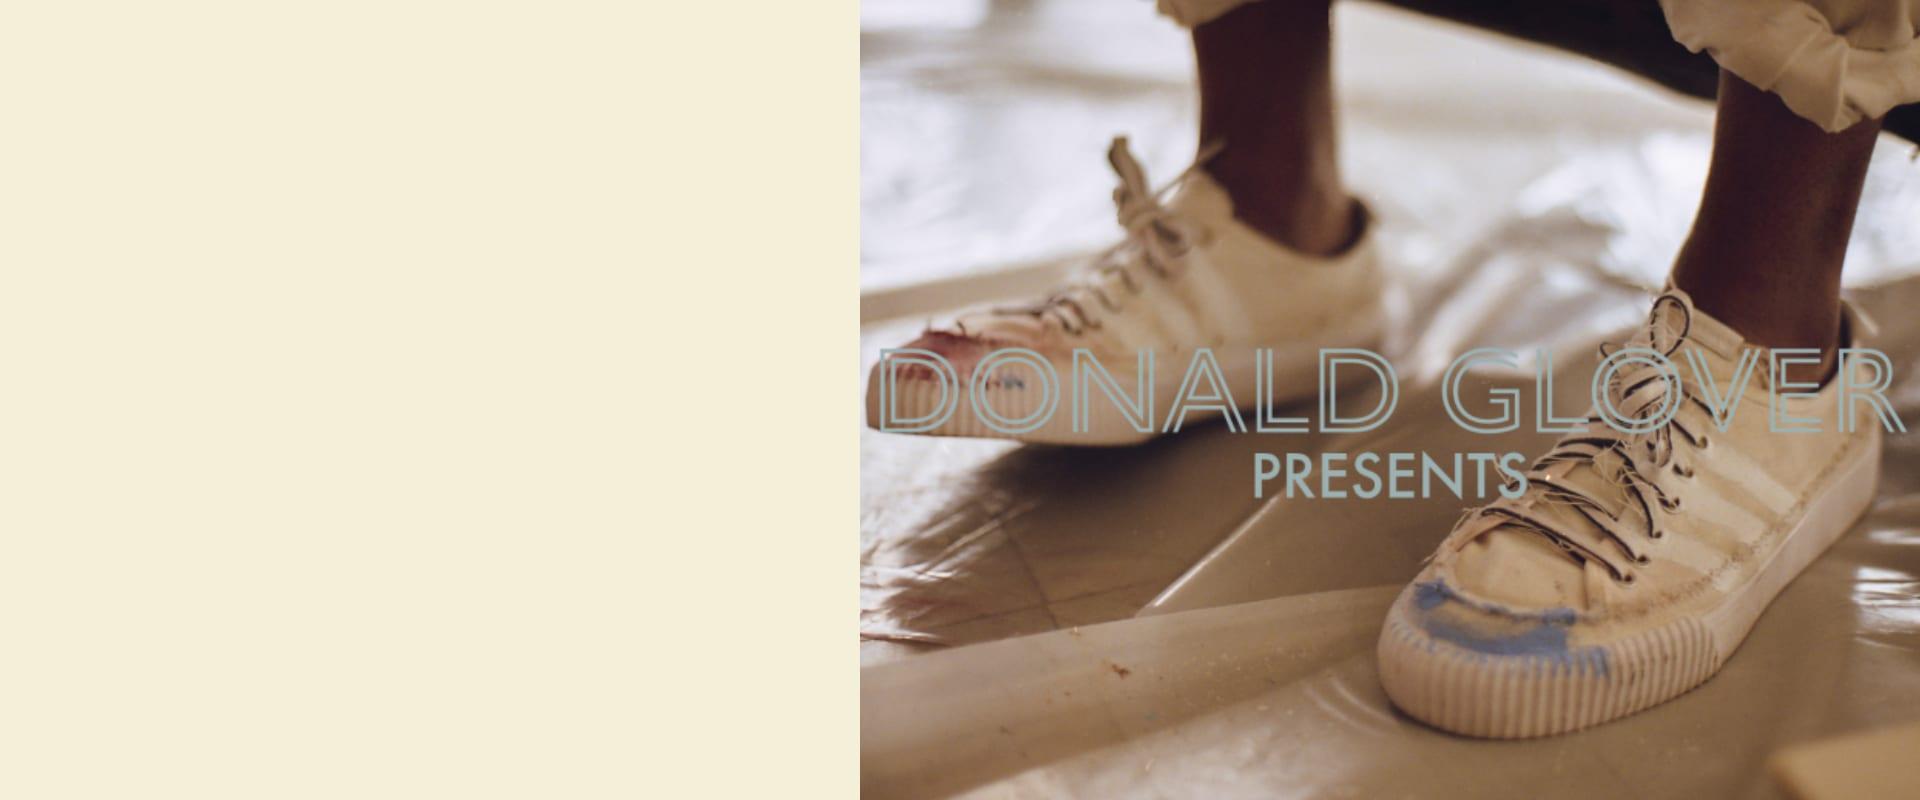 Originals Swift Cg4114 A Cip Run T Sneaker Adidas Frfi oWxBCerd